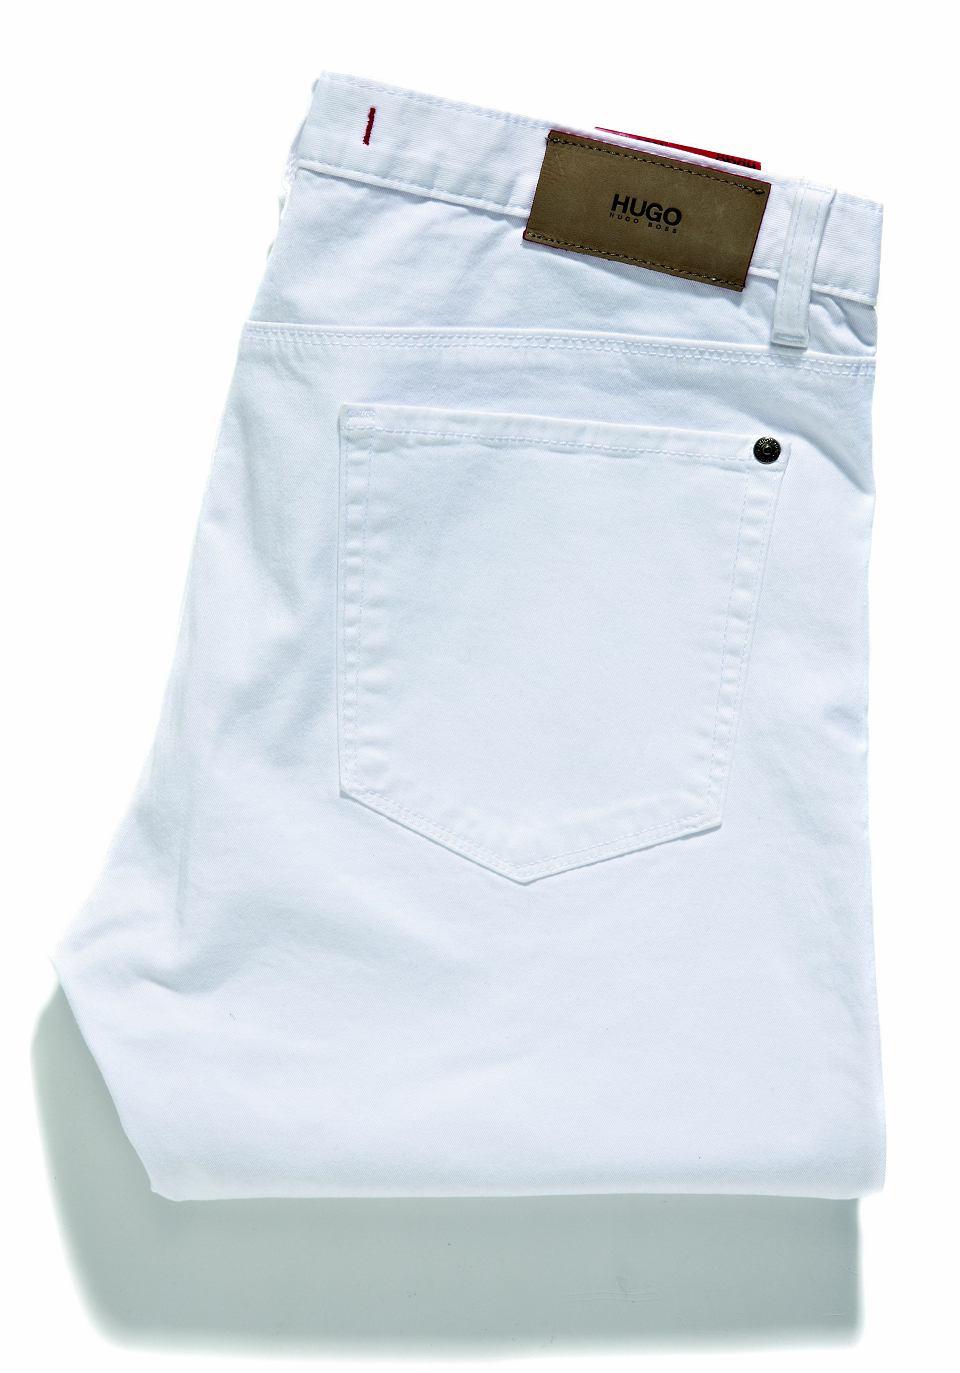 Zdjęcie numer 14 w galerii - Jasne dżinsy: zobacz najmodniejsze wzory